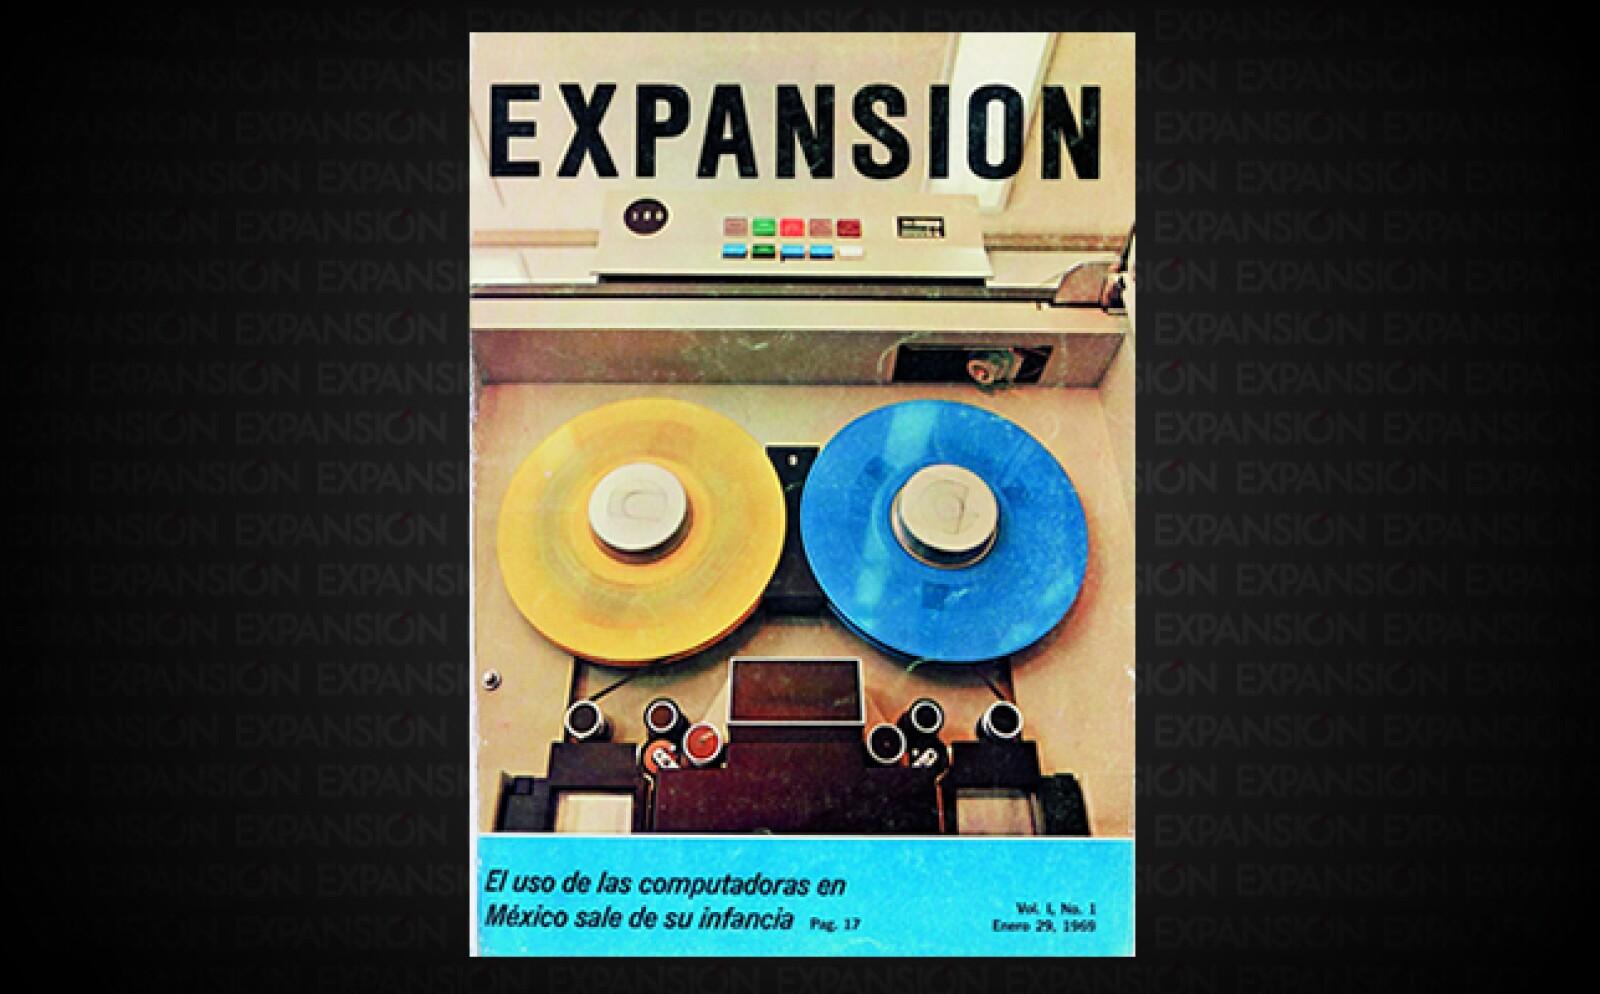 La revista Expansión nació el 29 de enero de 1969. Su primera portada, dos bobinas de la última máquina de IBM, que representaban el poder revolucionario de la computadora.